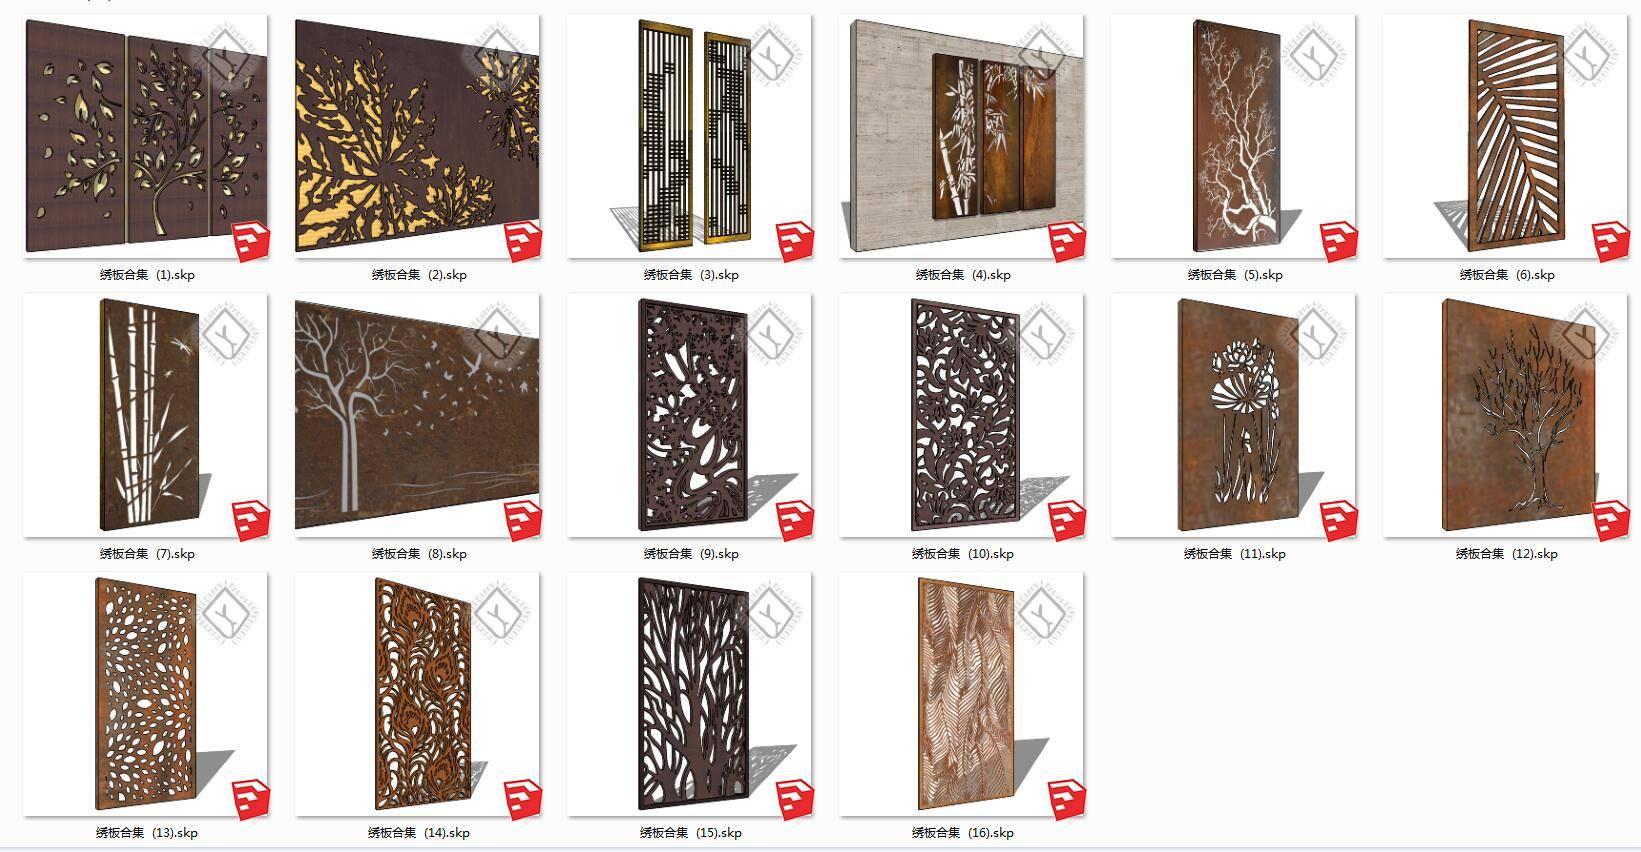 锈板耐候板钢板景墙合集su